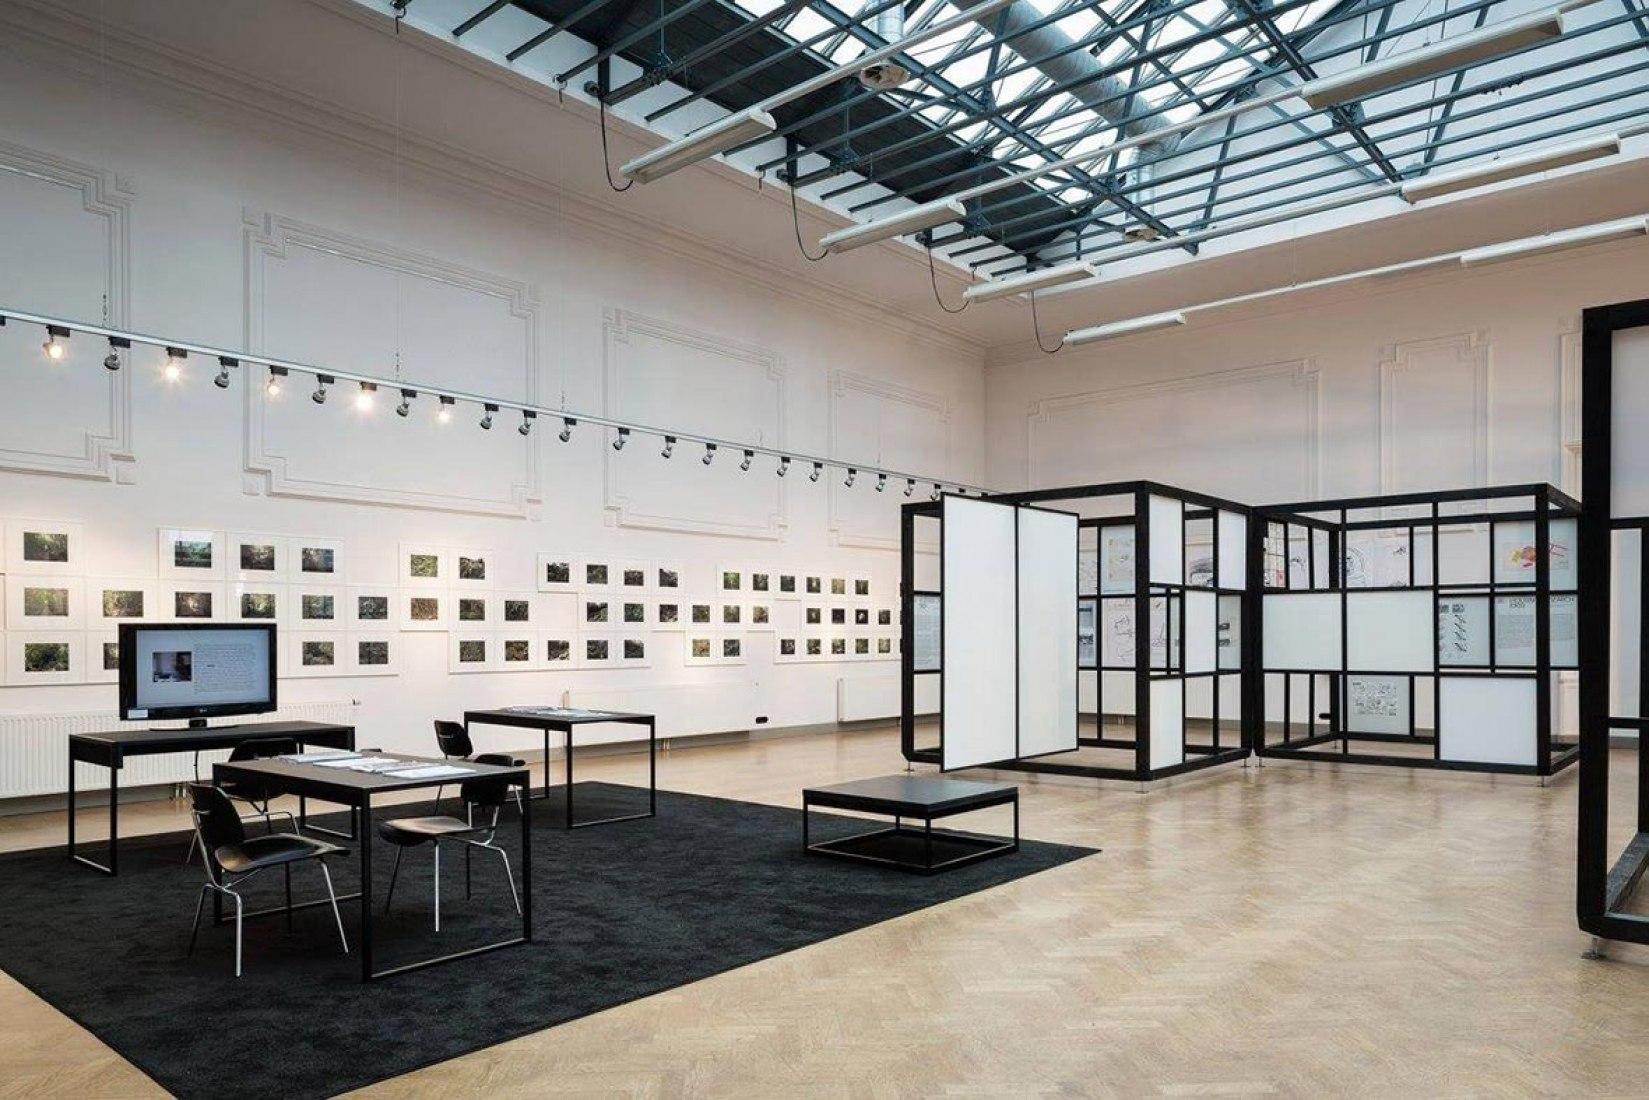 Vista interior de la exposición en Timmerfabriek. Cedric Price Exhibition por Bureau Europa.